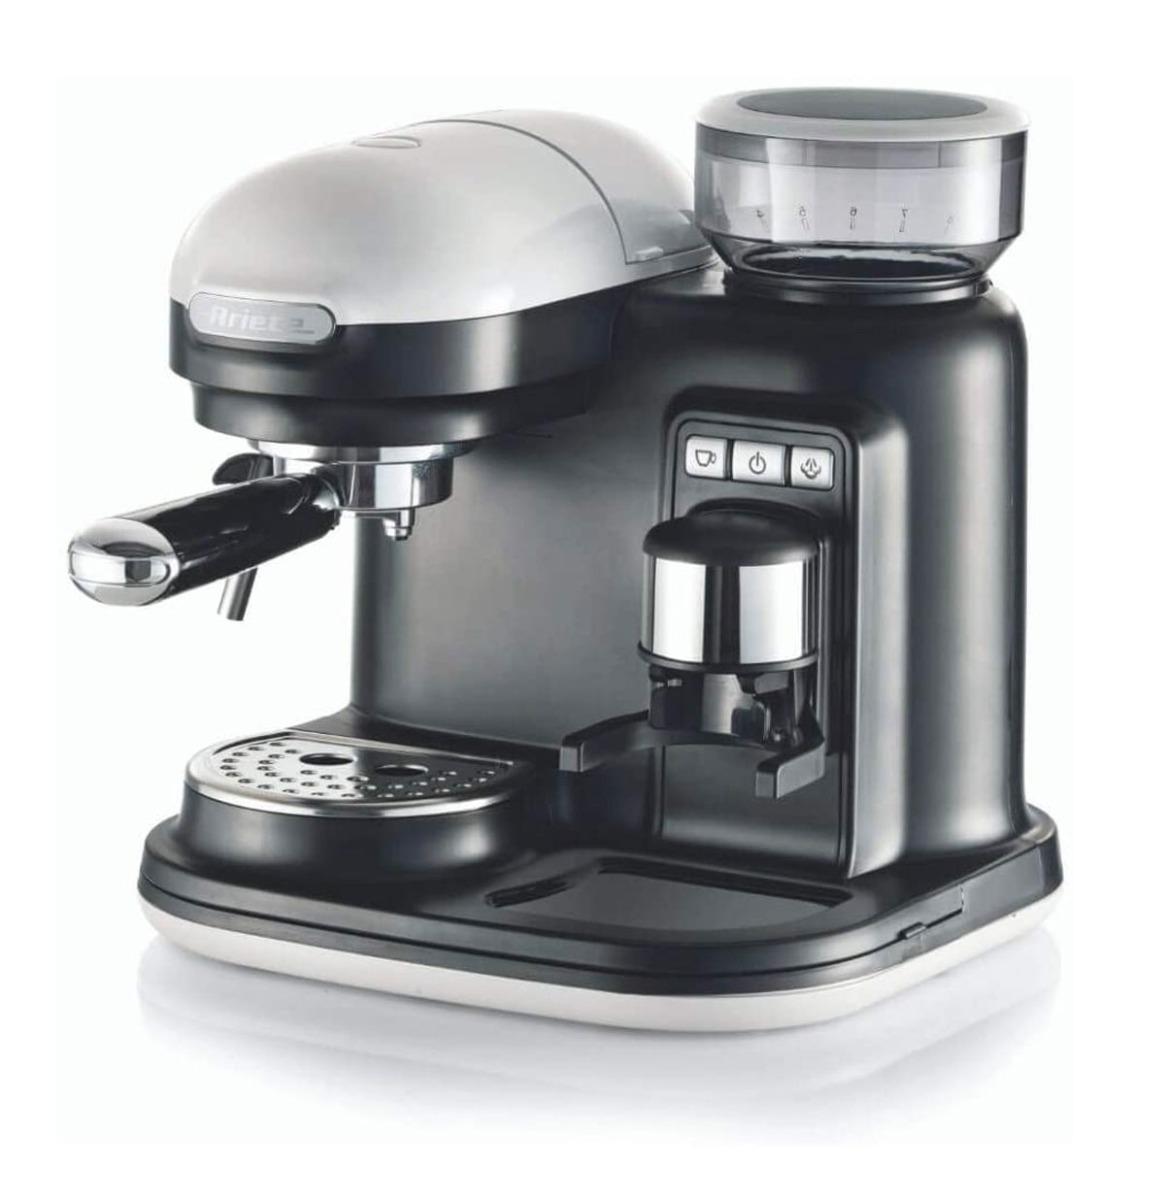 Ariete Moderna Espresso Machine - Met Geïntegreerde Koffiemolen Wit